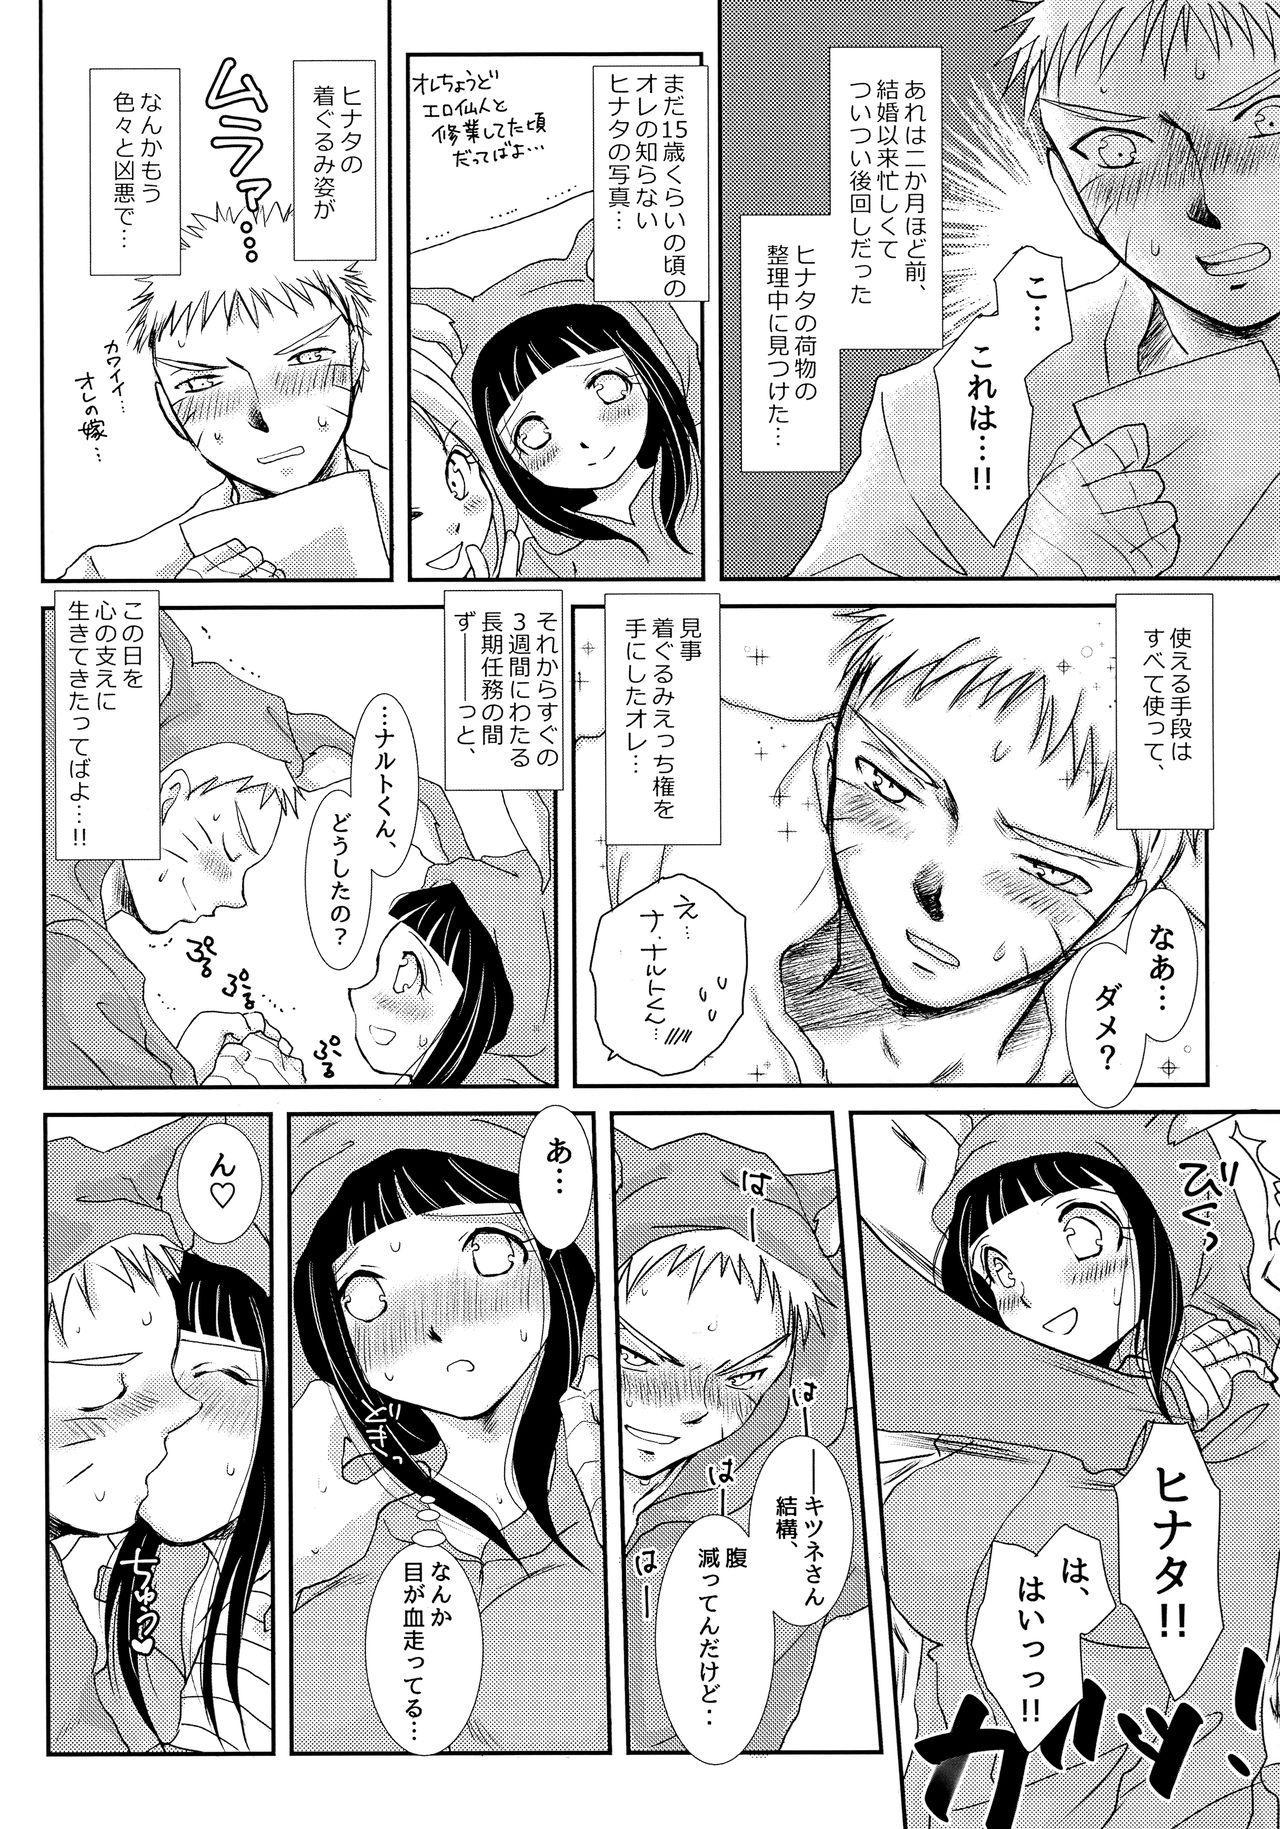 Momoiro Usagi to Hara Peko Kitsune 2